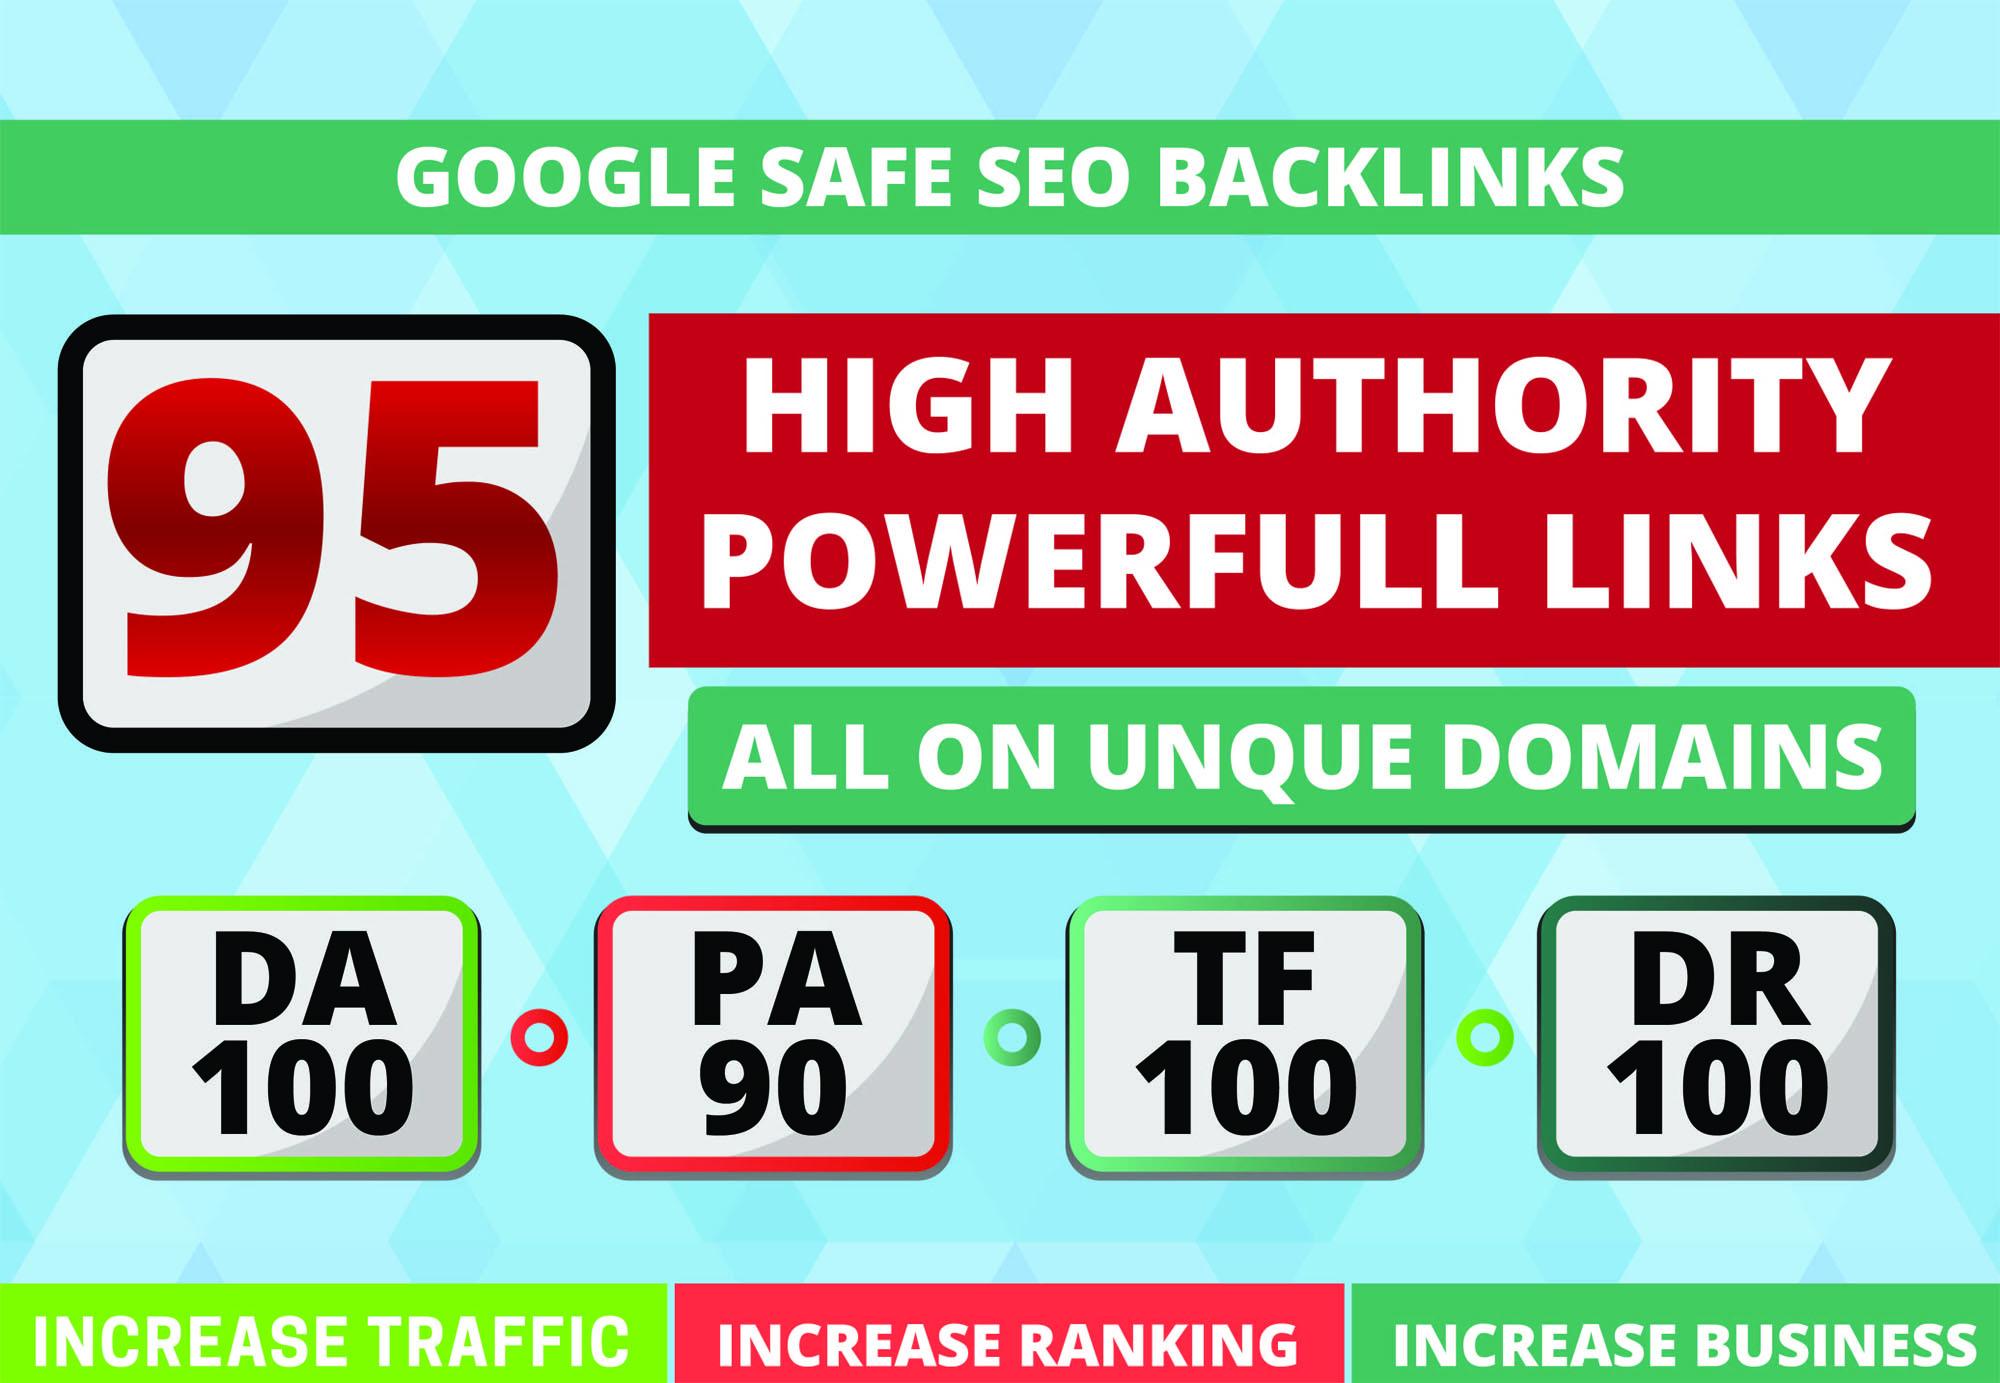 I'll Build 95 Unique Domain SEO Backlinks Low OBL Tf100 Da100 Sites